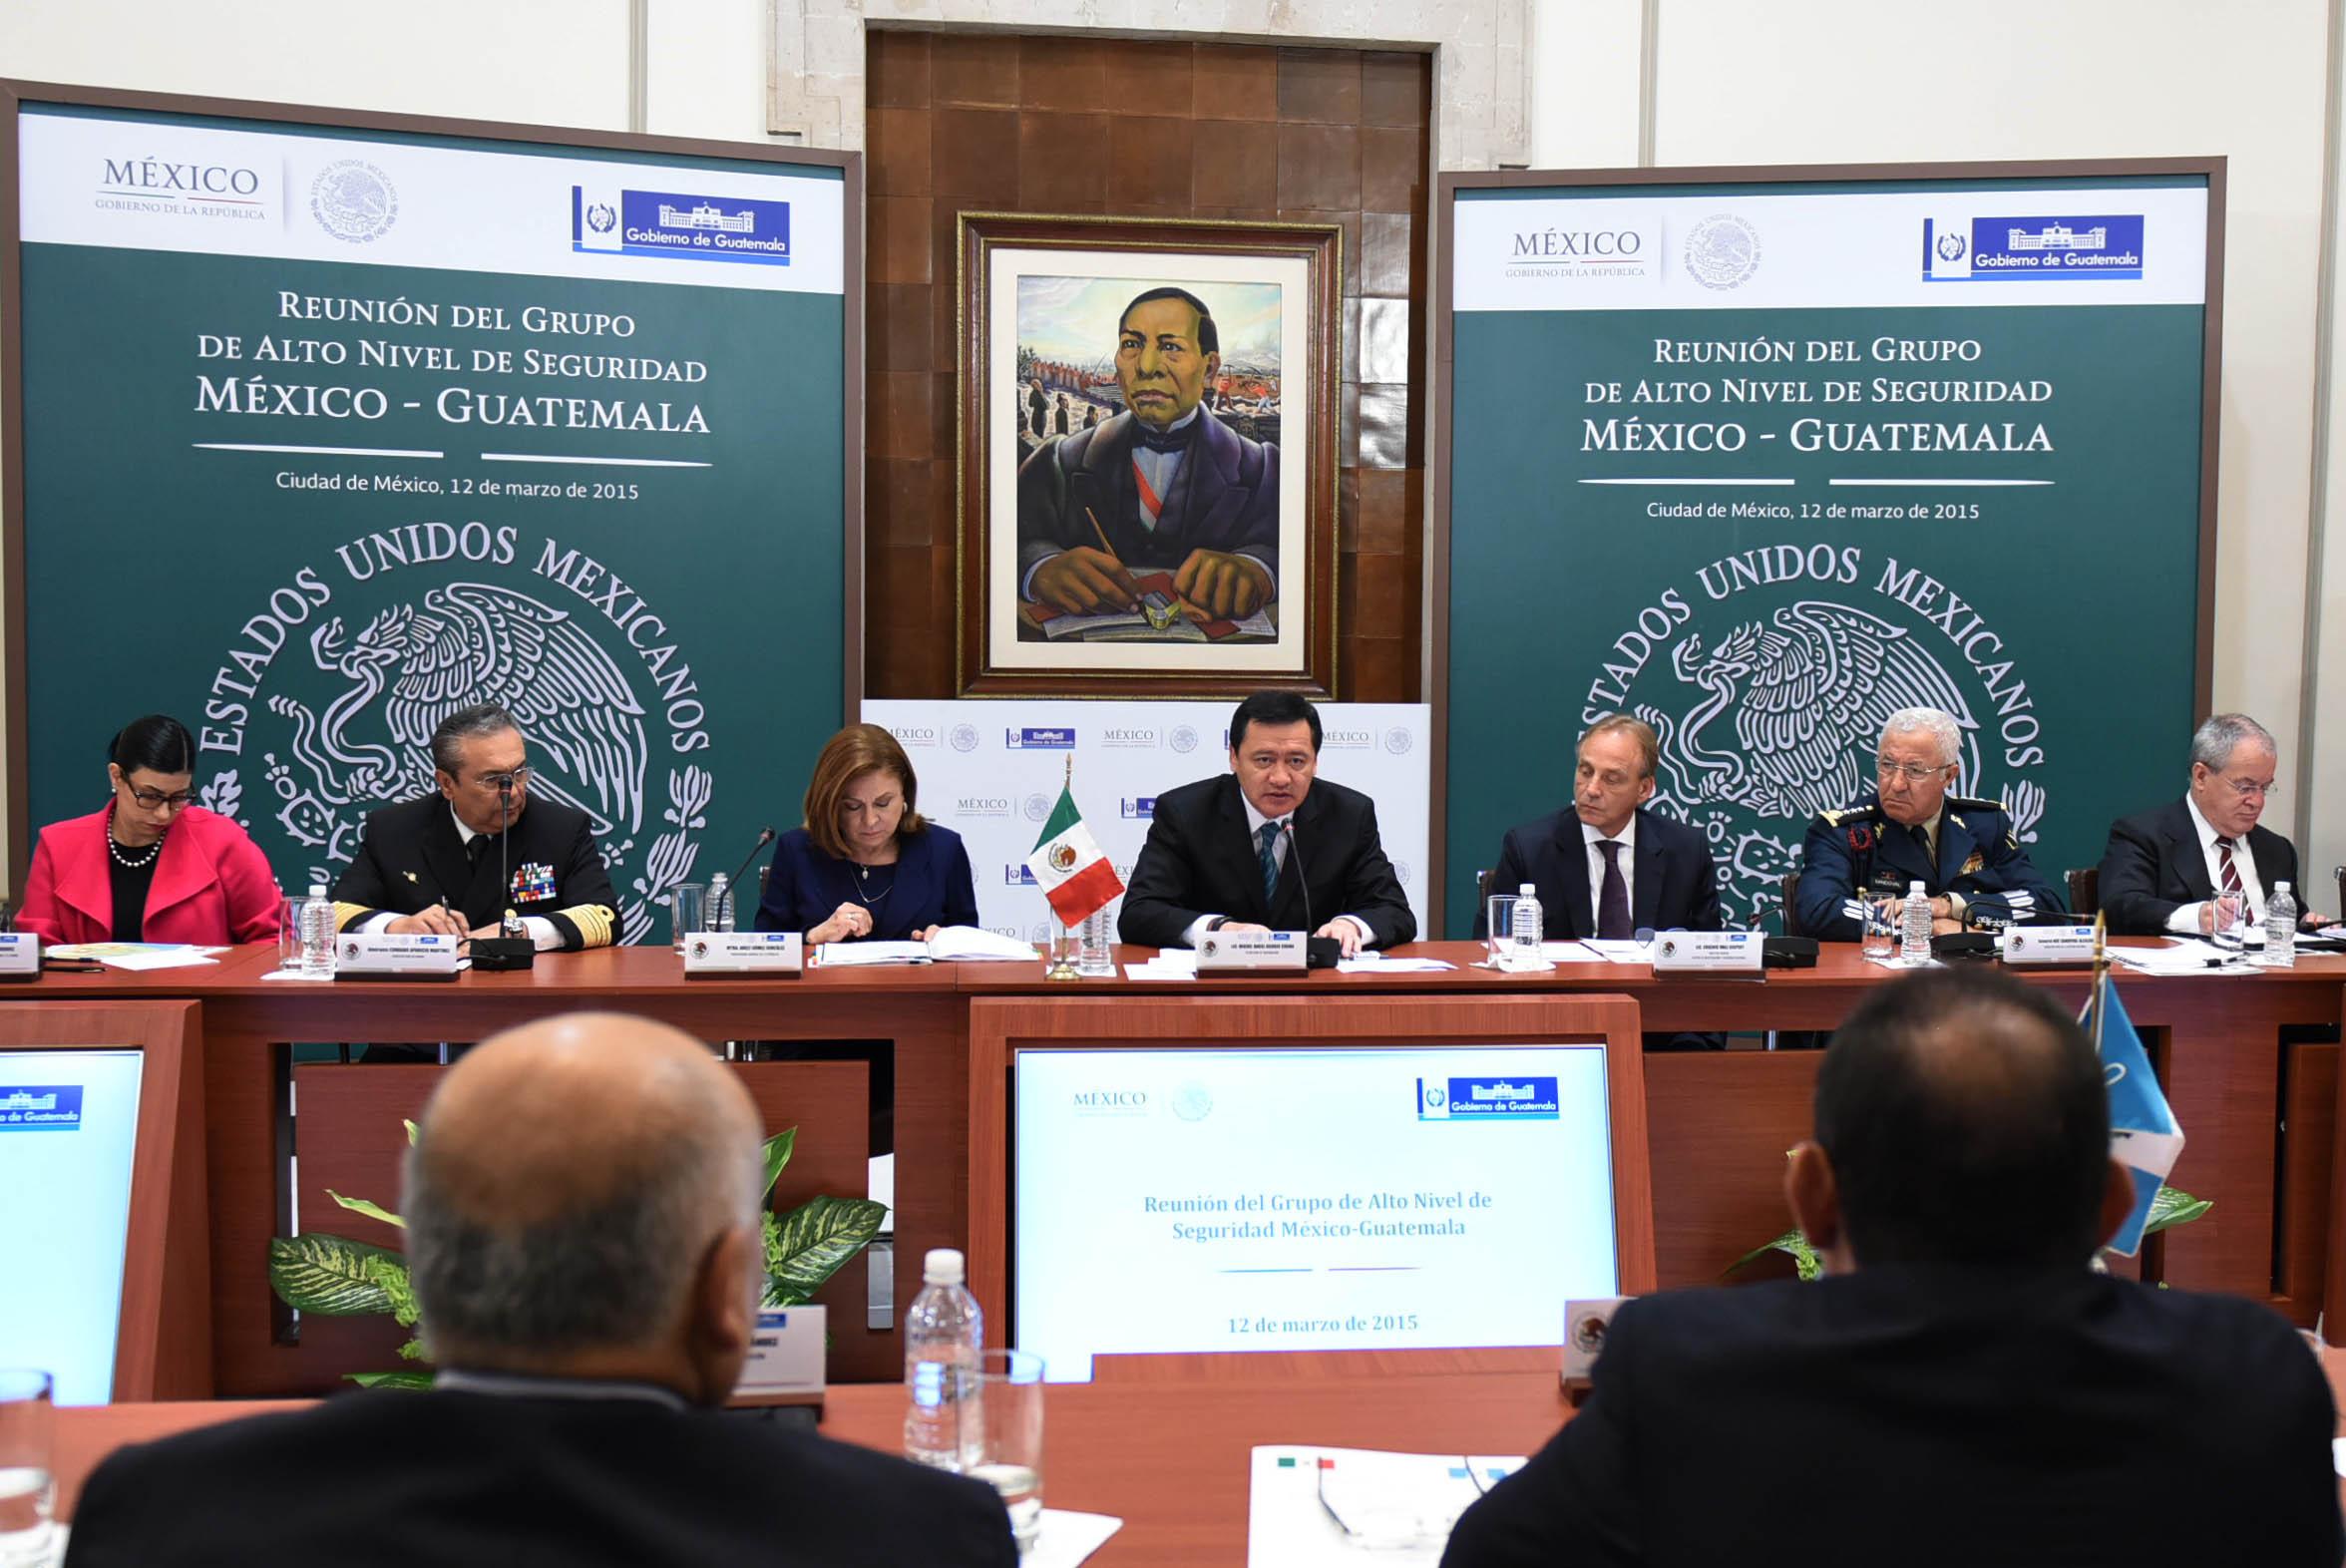 El Secretario de Gobernación, Miguel Ángel Osorio Chong, encabeza la Reunión del Grupo de Alto Nivel de Seguridad México-Guatemala